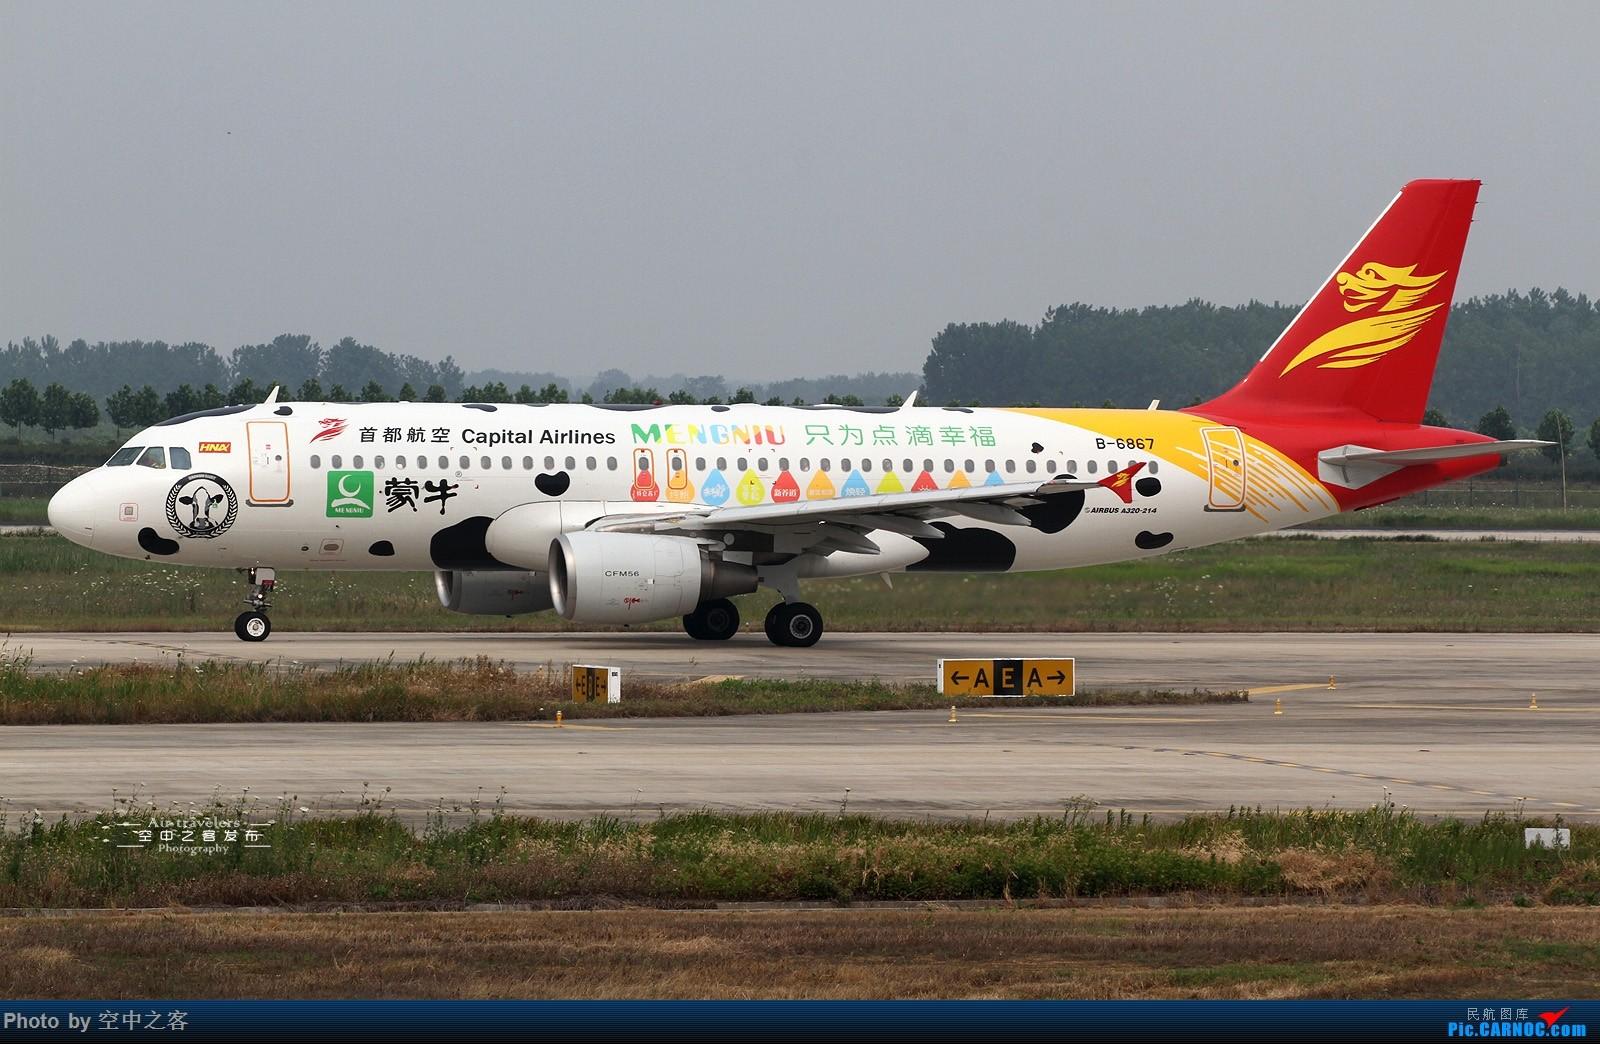 """Re:[原创][合肥飞友会·霸都打机队]空中之客发布 """"欢乐谷""""新涂来了 小彩绘聚会新机场 AIRBUS A320-200 B-6867 合肥新桥国际机场"""